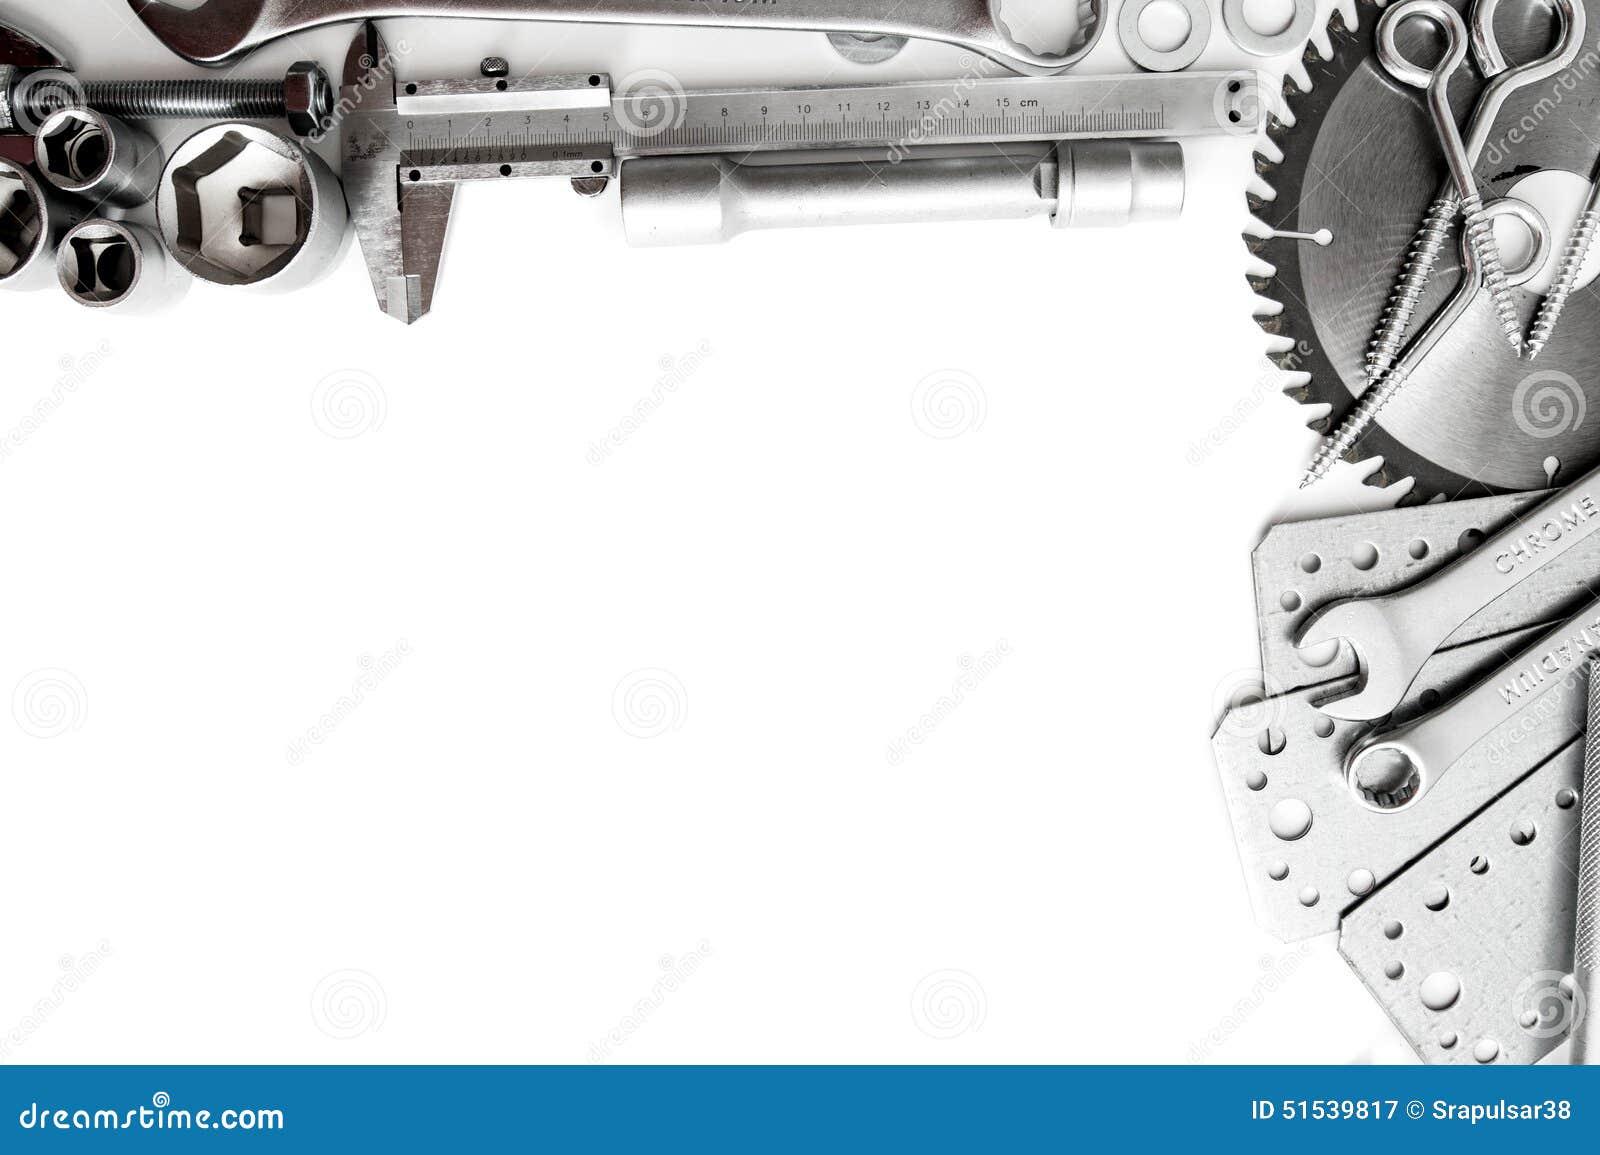 Metalwork Linjal, skiftnyckel, skruv och andra hjälpmedel